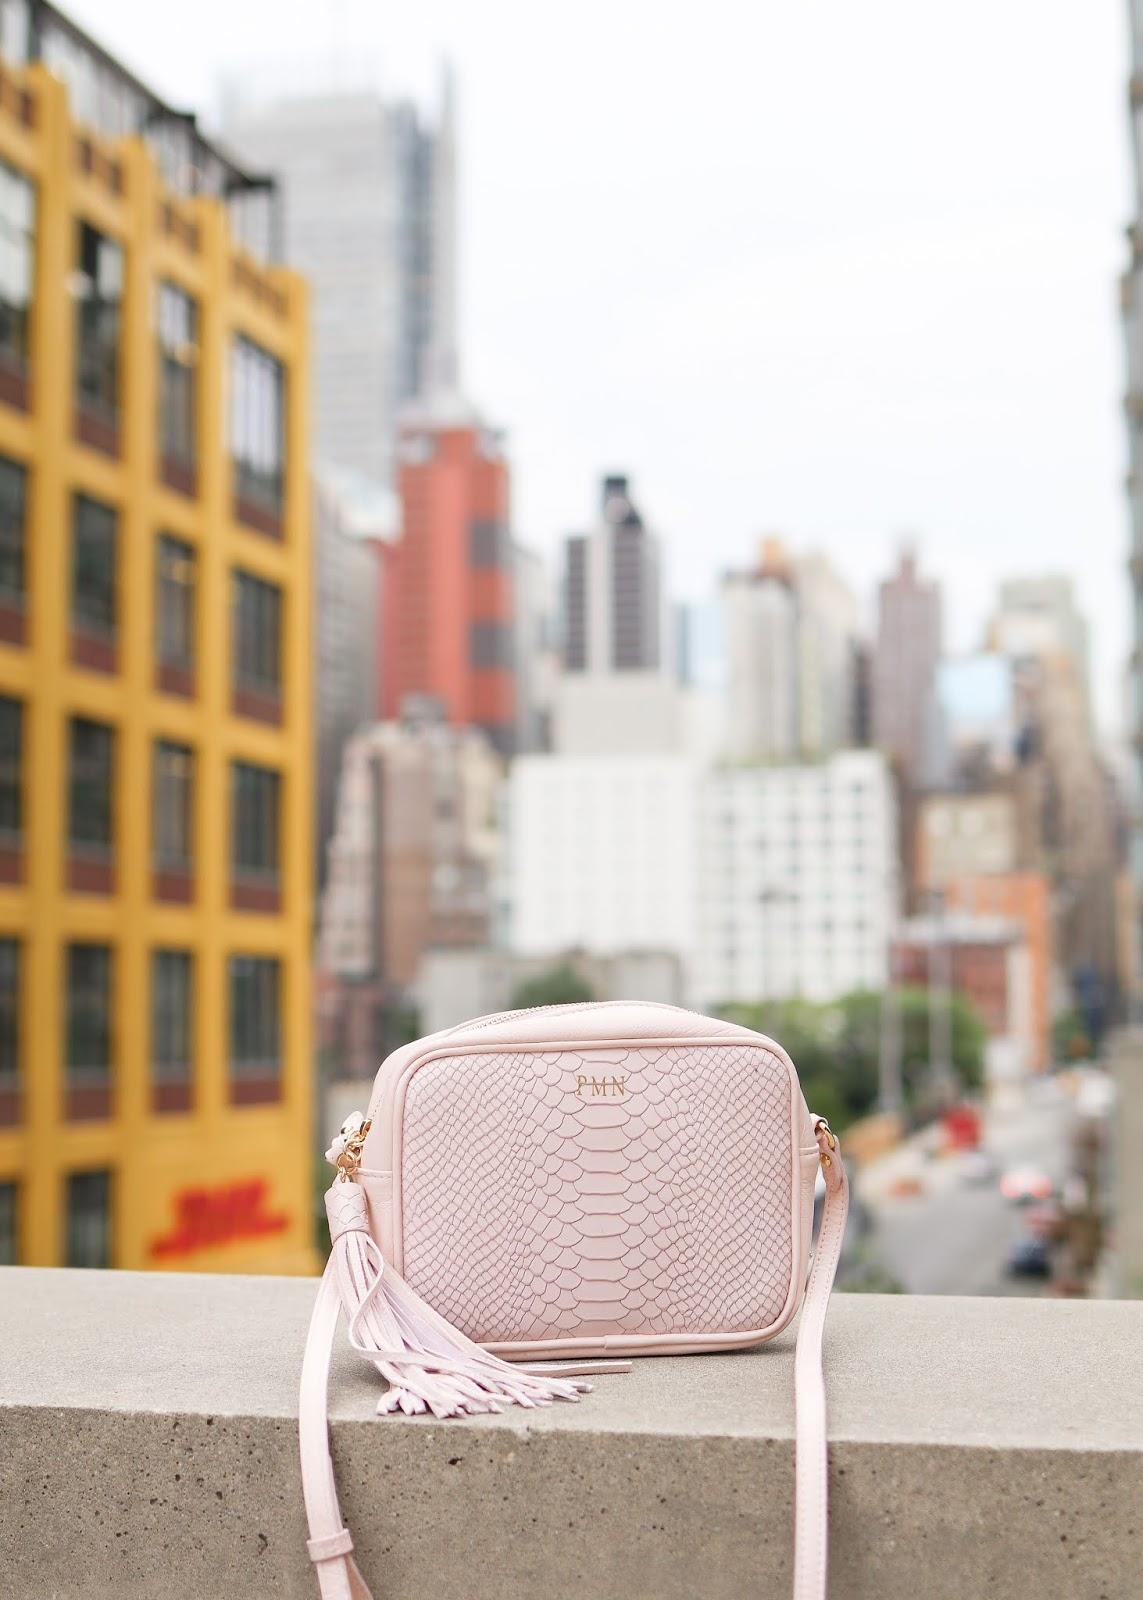 Gigi New York Pink Crossbody, GIGI New York pink crossbody monogrammed